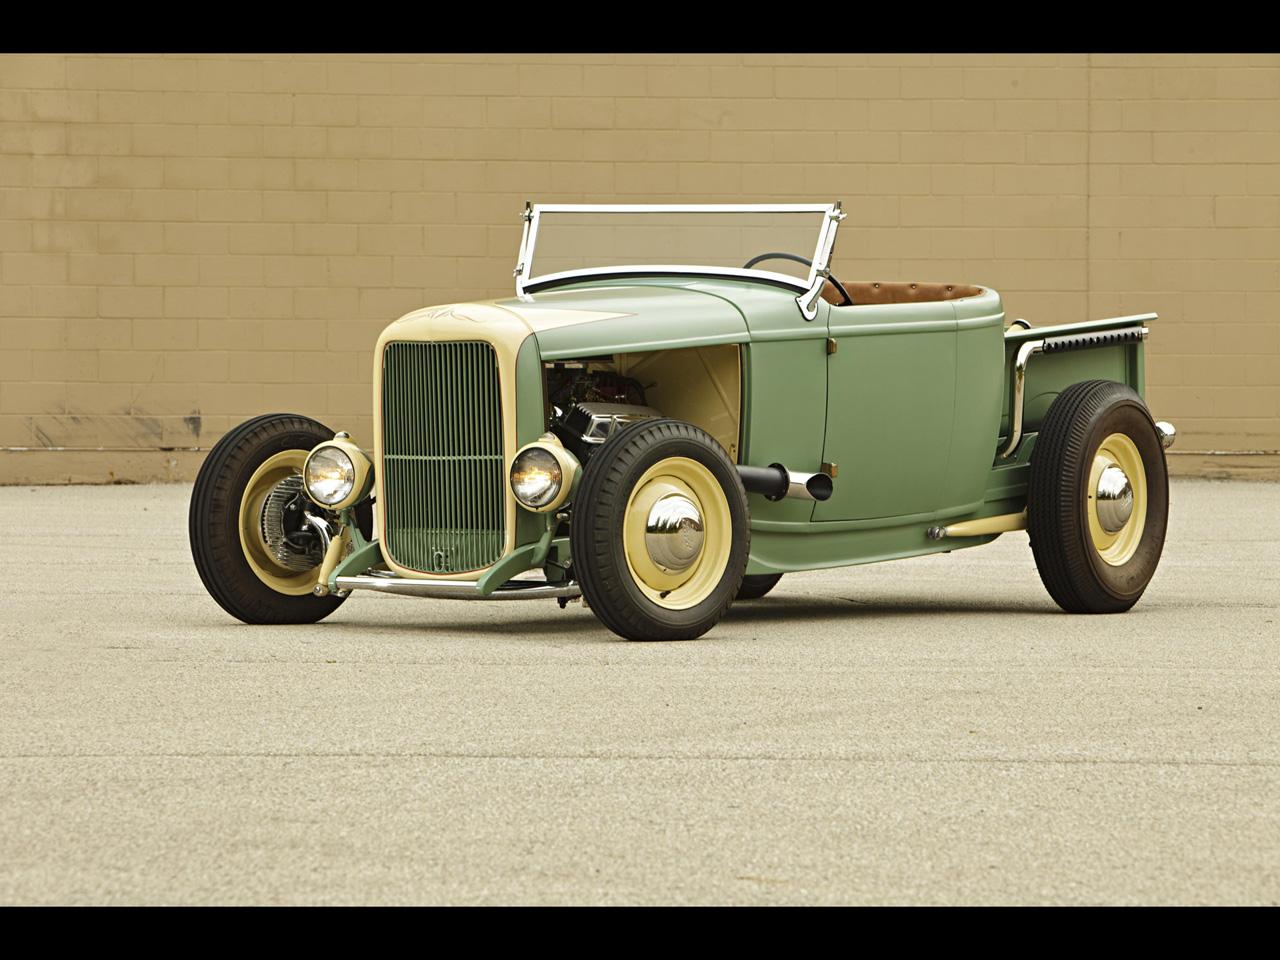 art director and hot rodder 1932 ford roadster pickup. Black Bedroom Furniture Sets. Home Design Ideas